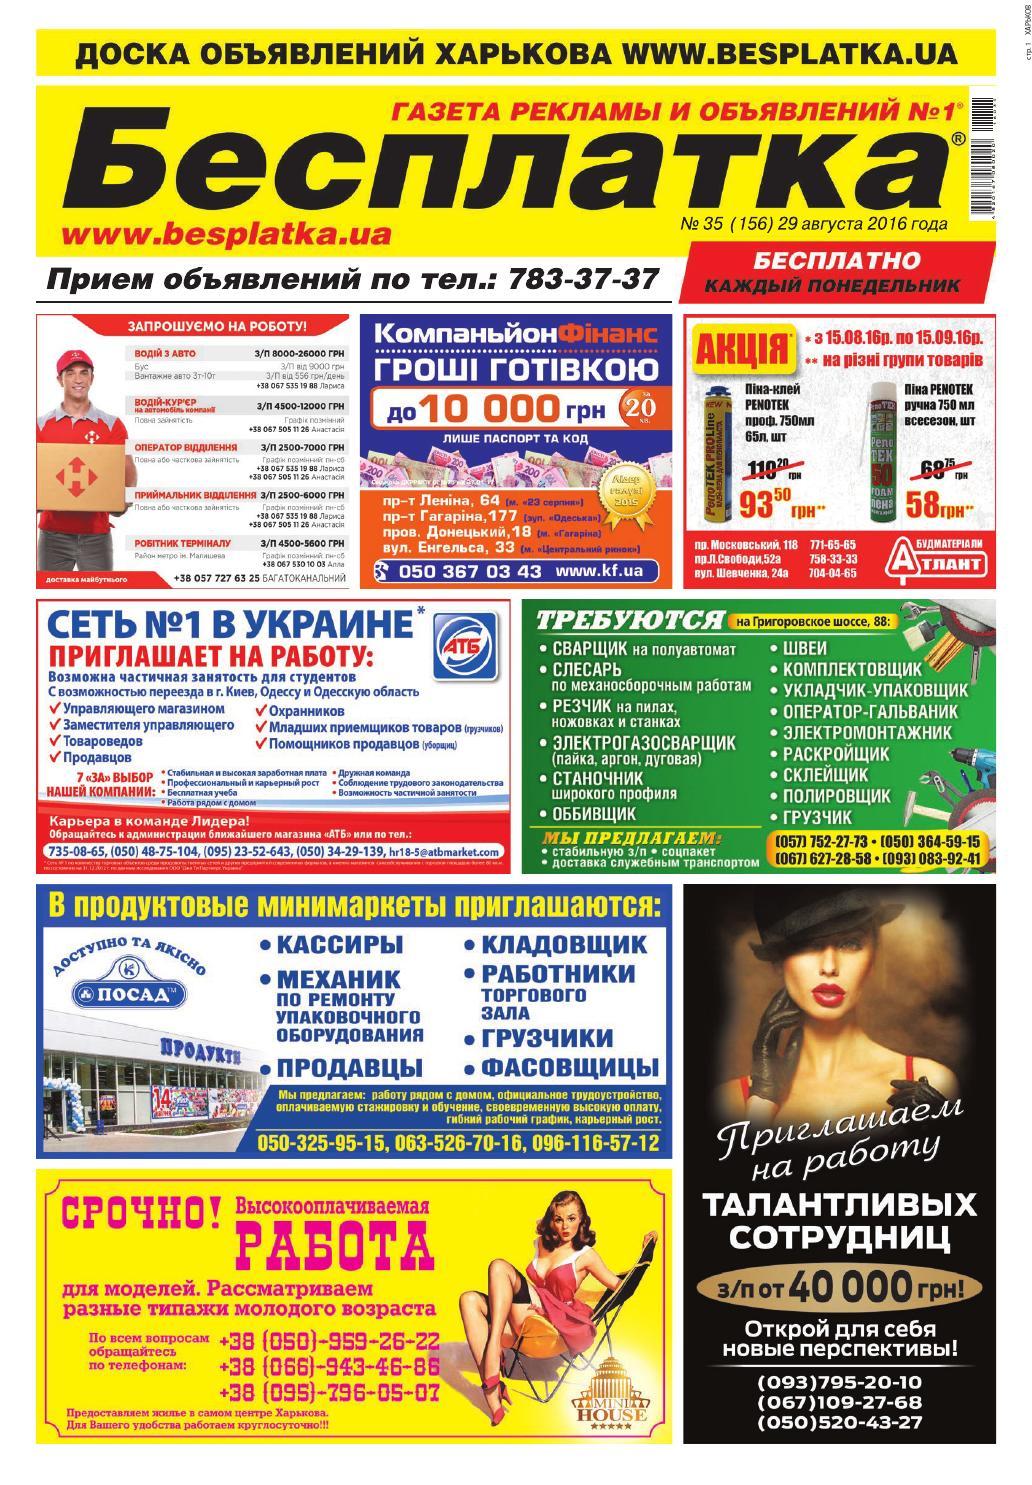 Харьков регистрации без 60-80 знакомства мужчины